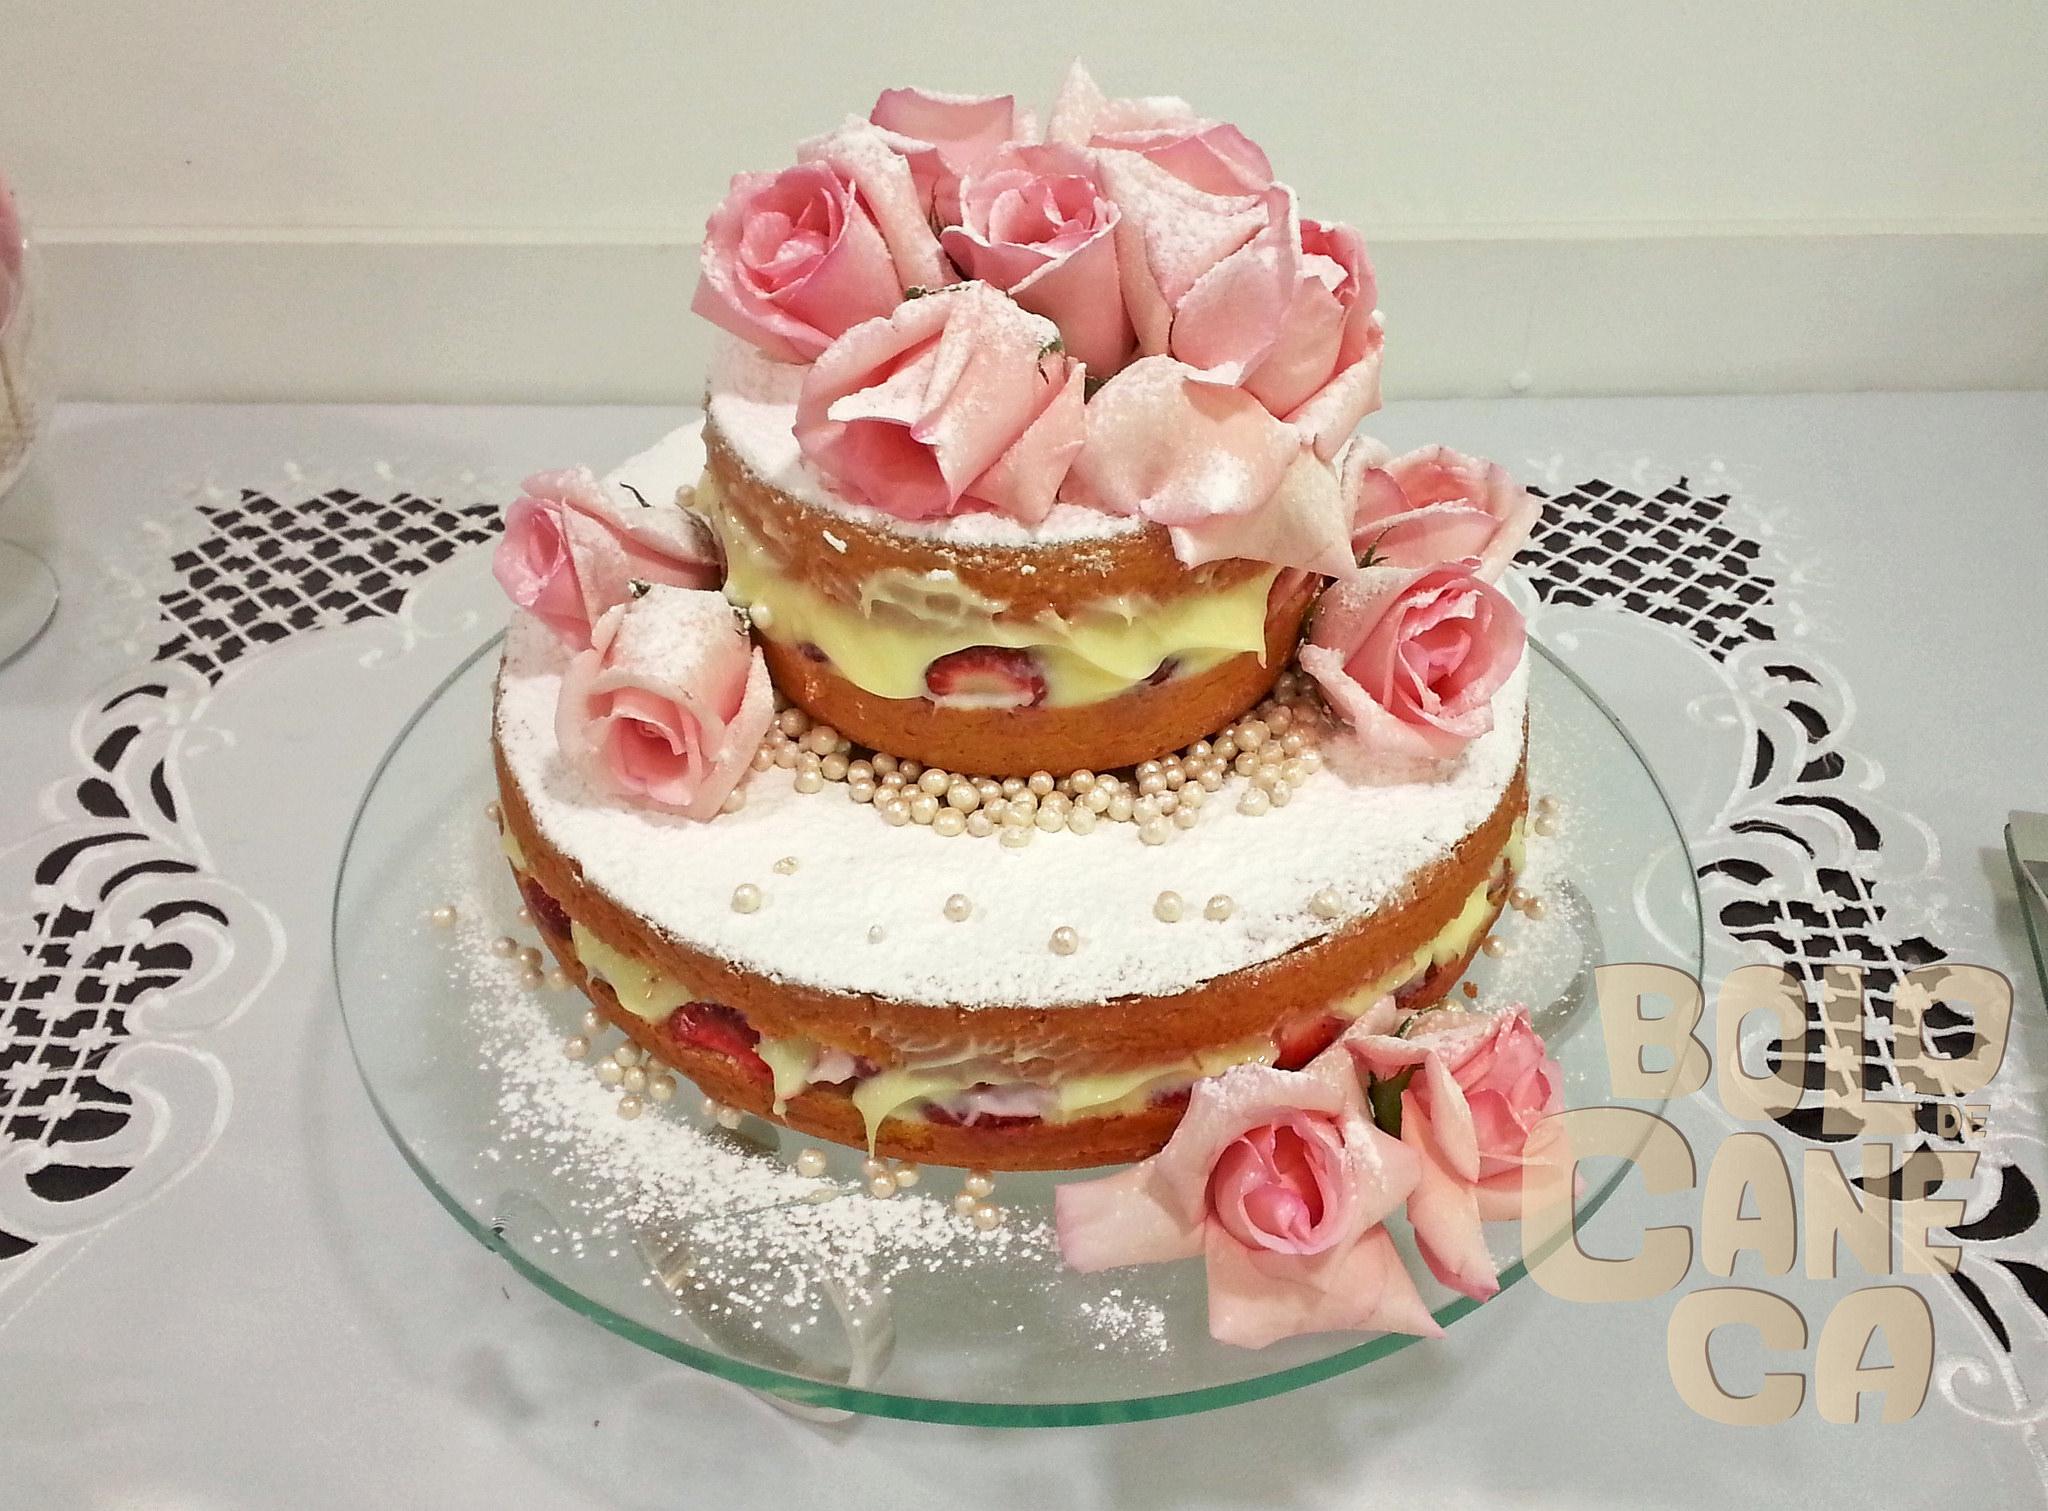 esküvői torta receptek képekkel Esküvői torta típusok   Tortareceptek esküvői torta receptek képekkel